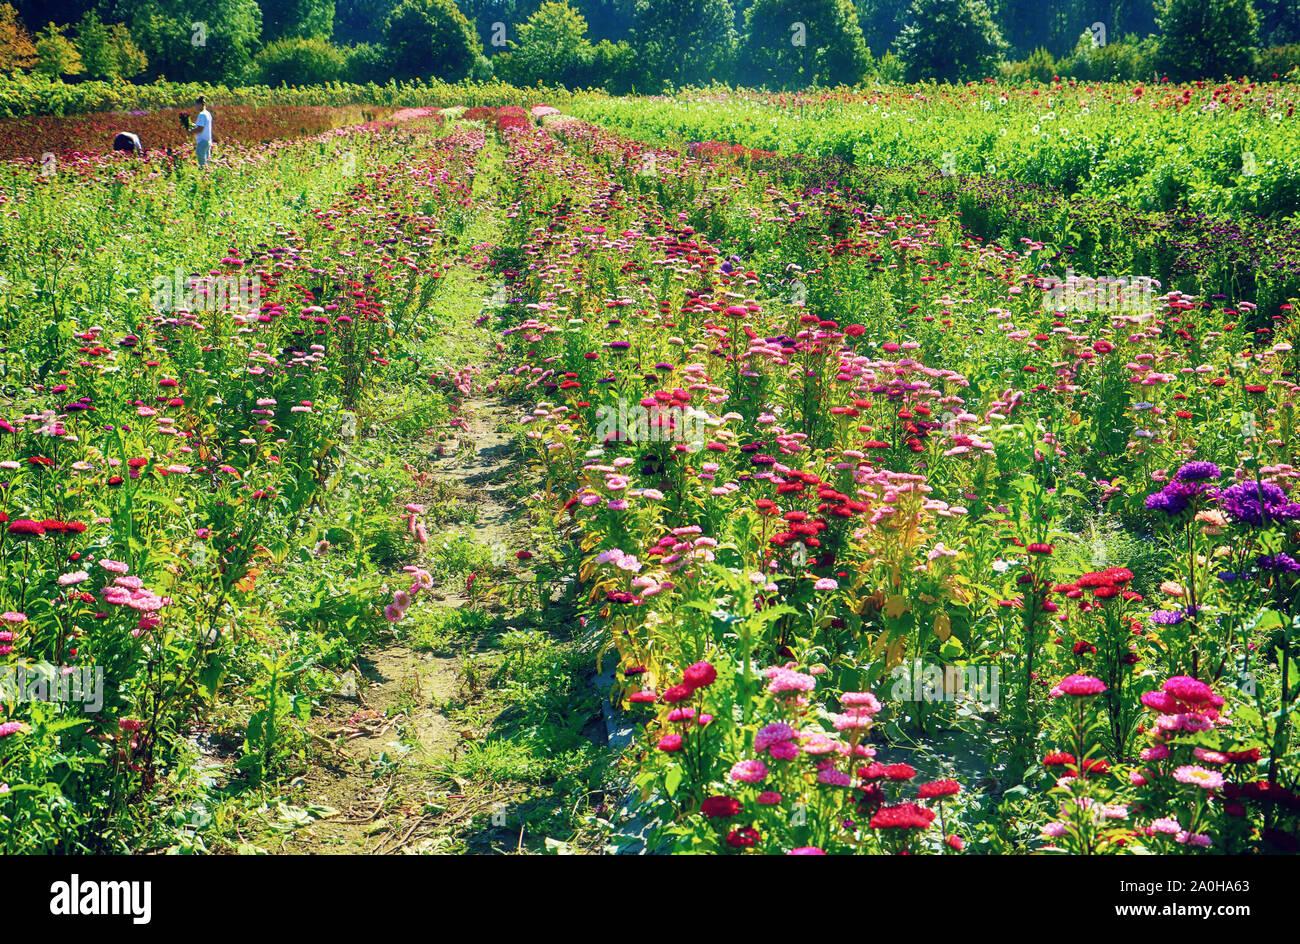 El cultivo de flores en Baviera: jardineros cortar coloridas flores aster en verano, para el mercado floral Foto de stock